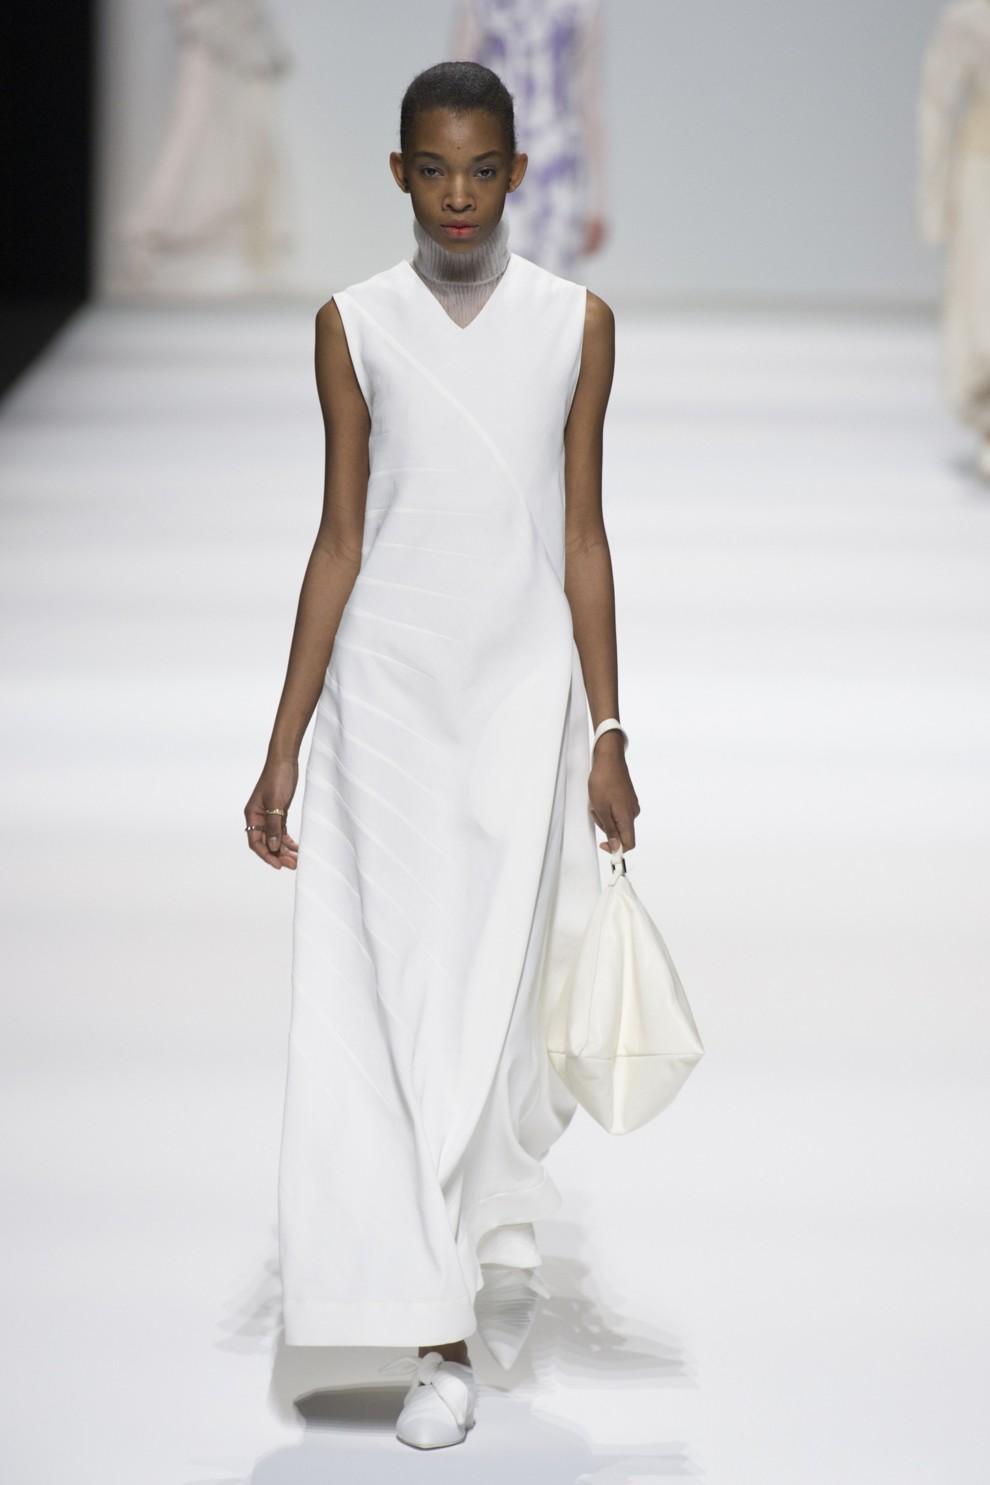 5b7ba16804839 - Осень с читого листа: белое платье как вызов маленькому черному